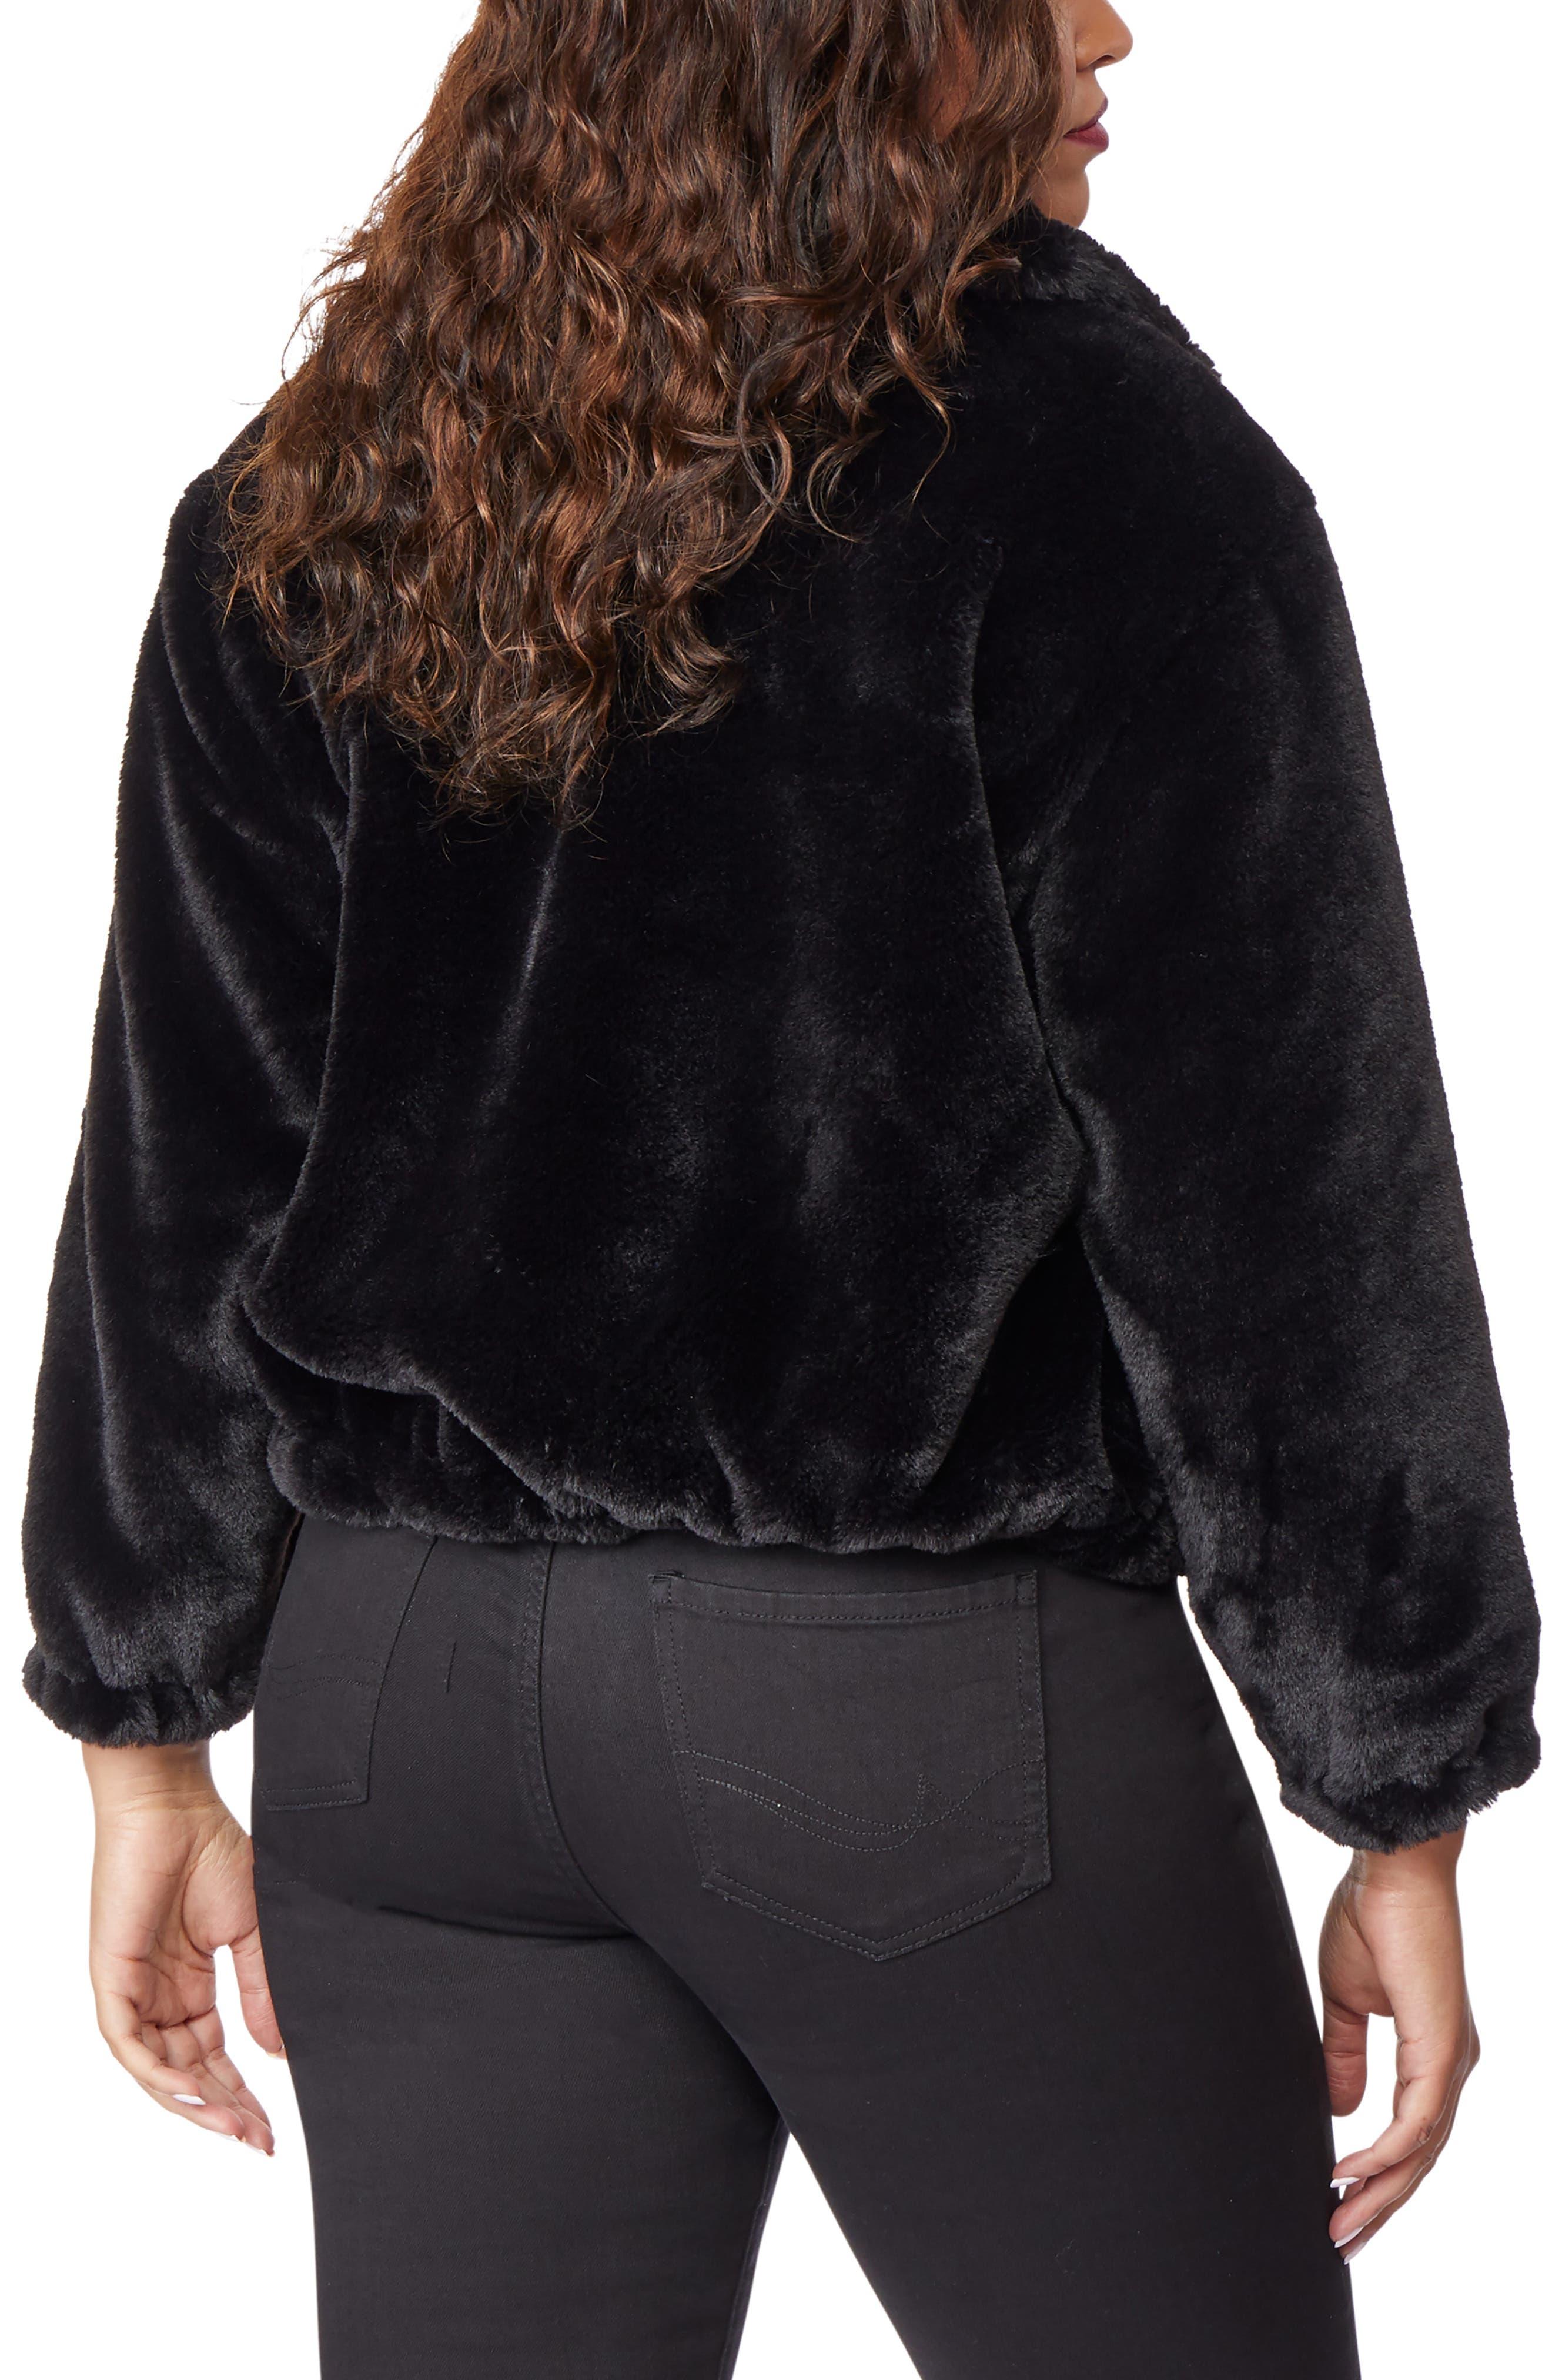 Super Soft Faux Fur Jacket,                             Alternate thumbnail 2, color,                             002